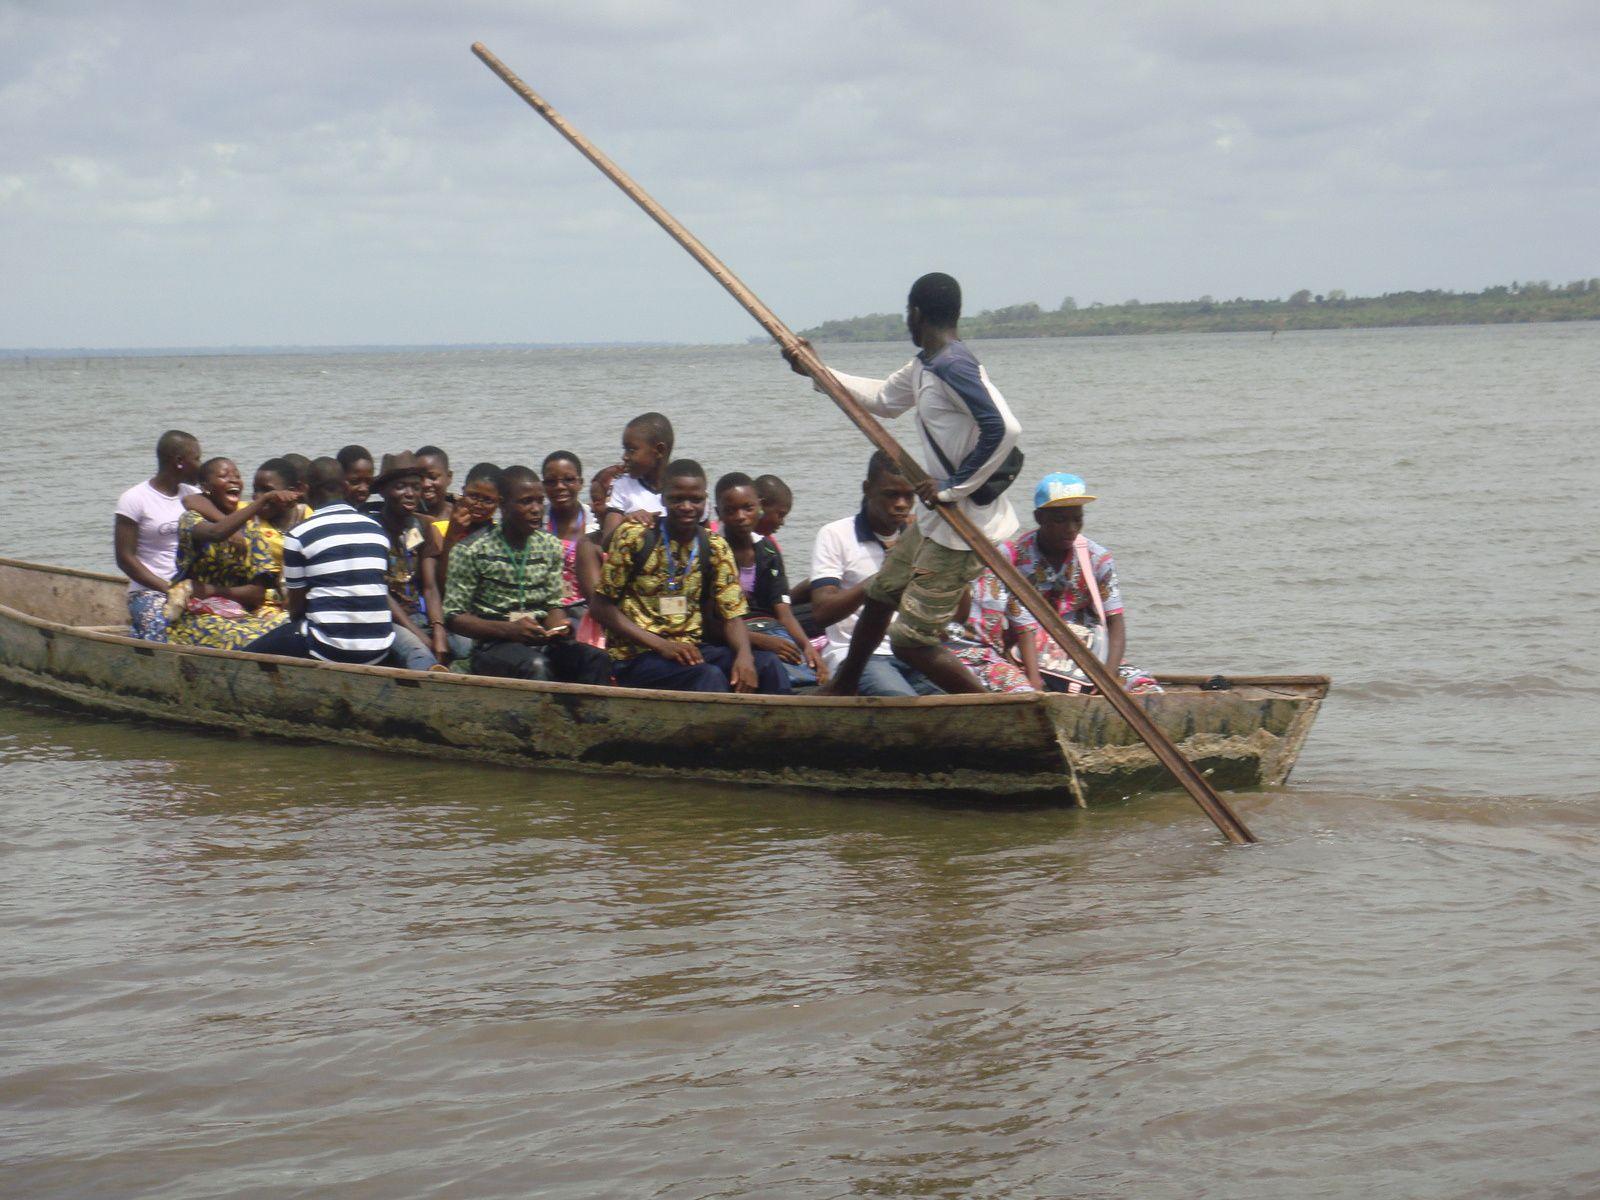 Bballade en pirogue sur le lac Togo.